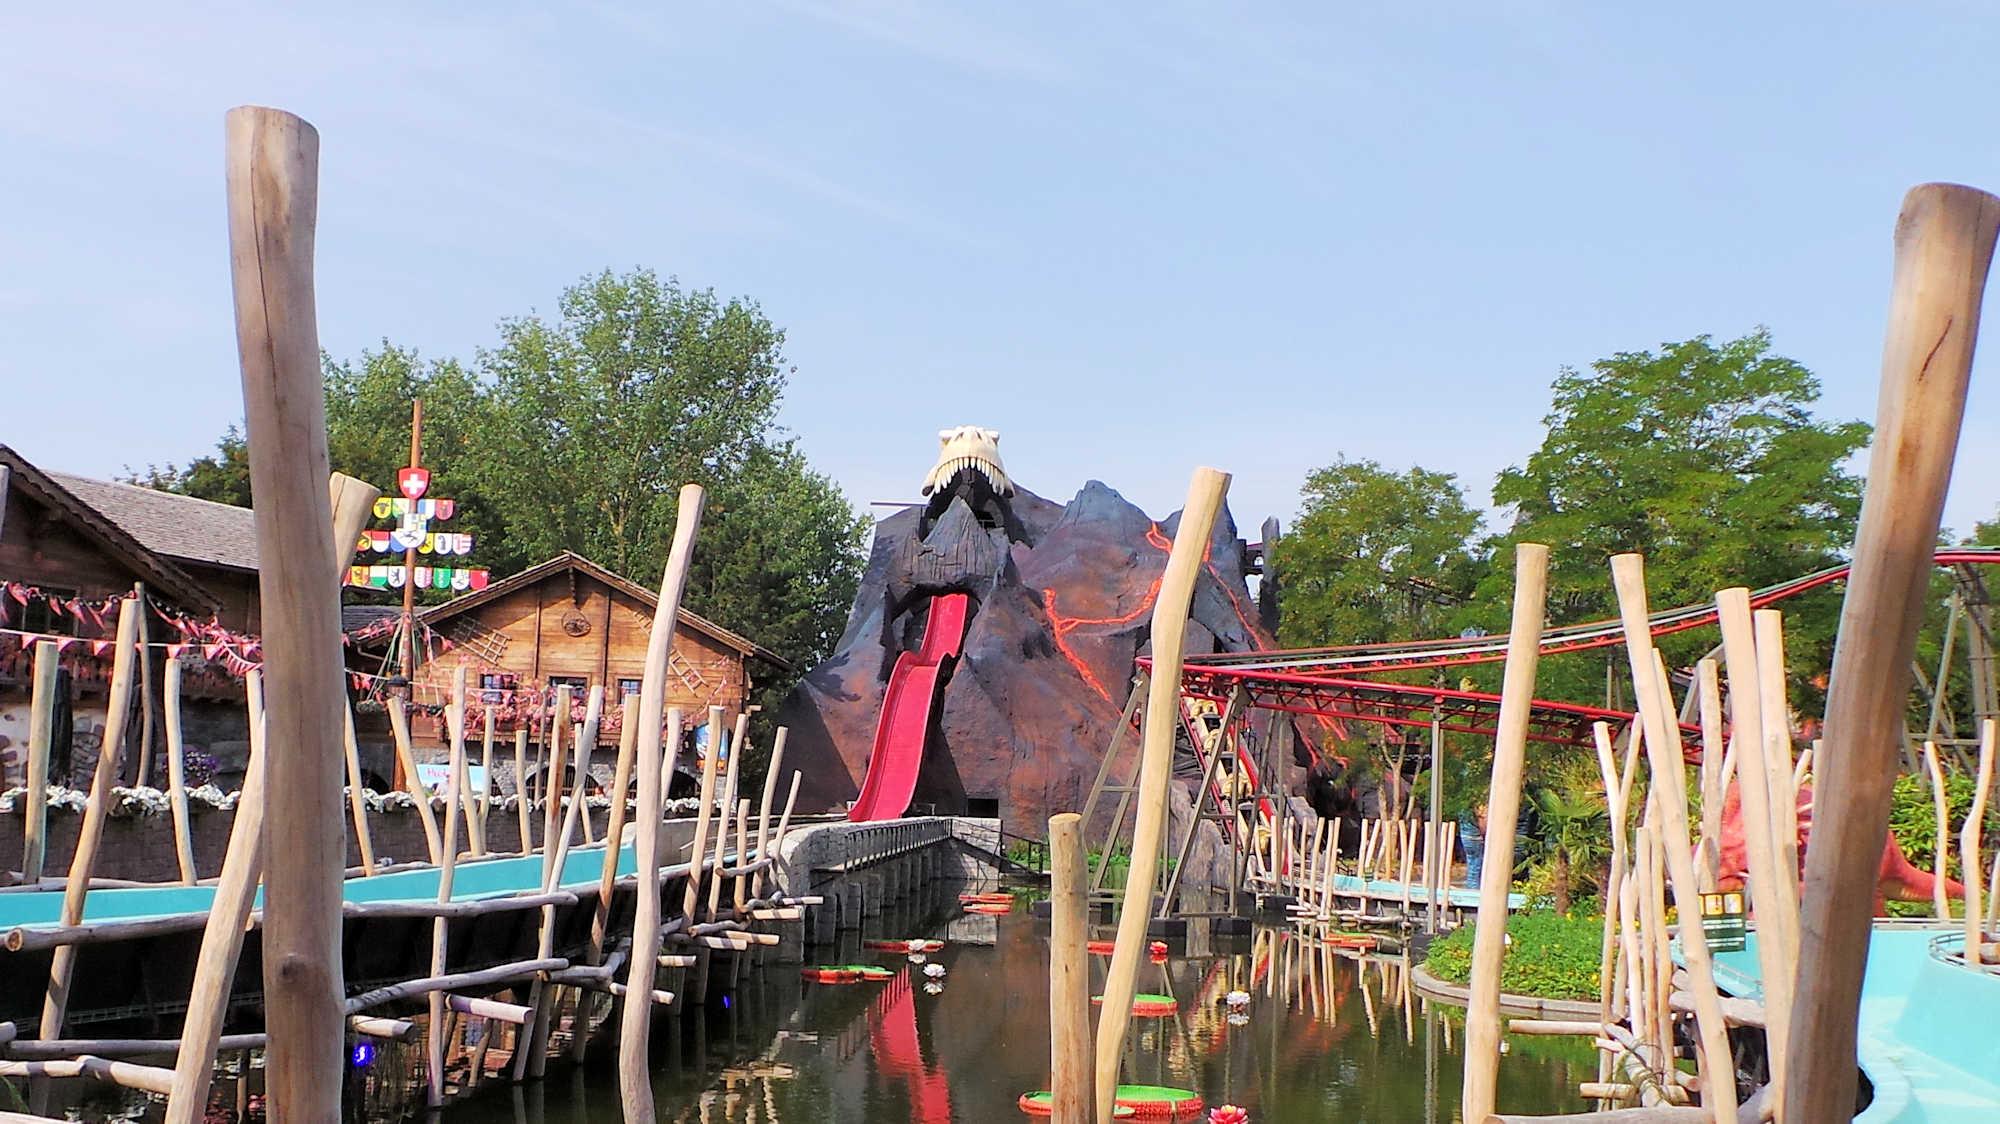 Dino splash : Nouveau à Plopsaland La Panne en 2019